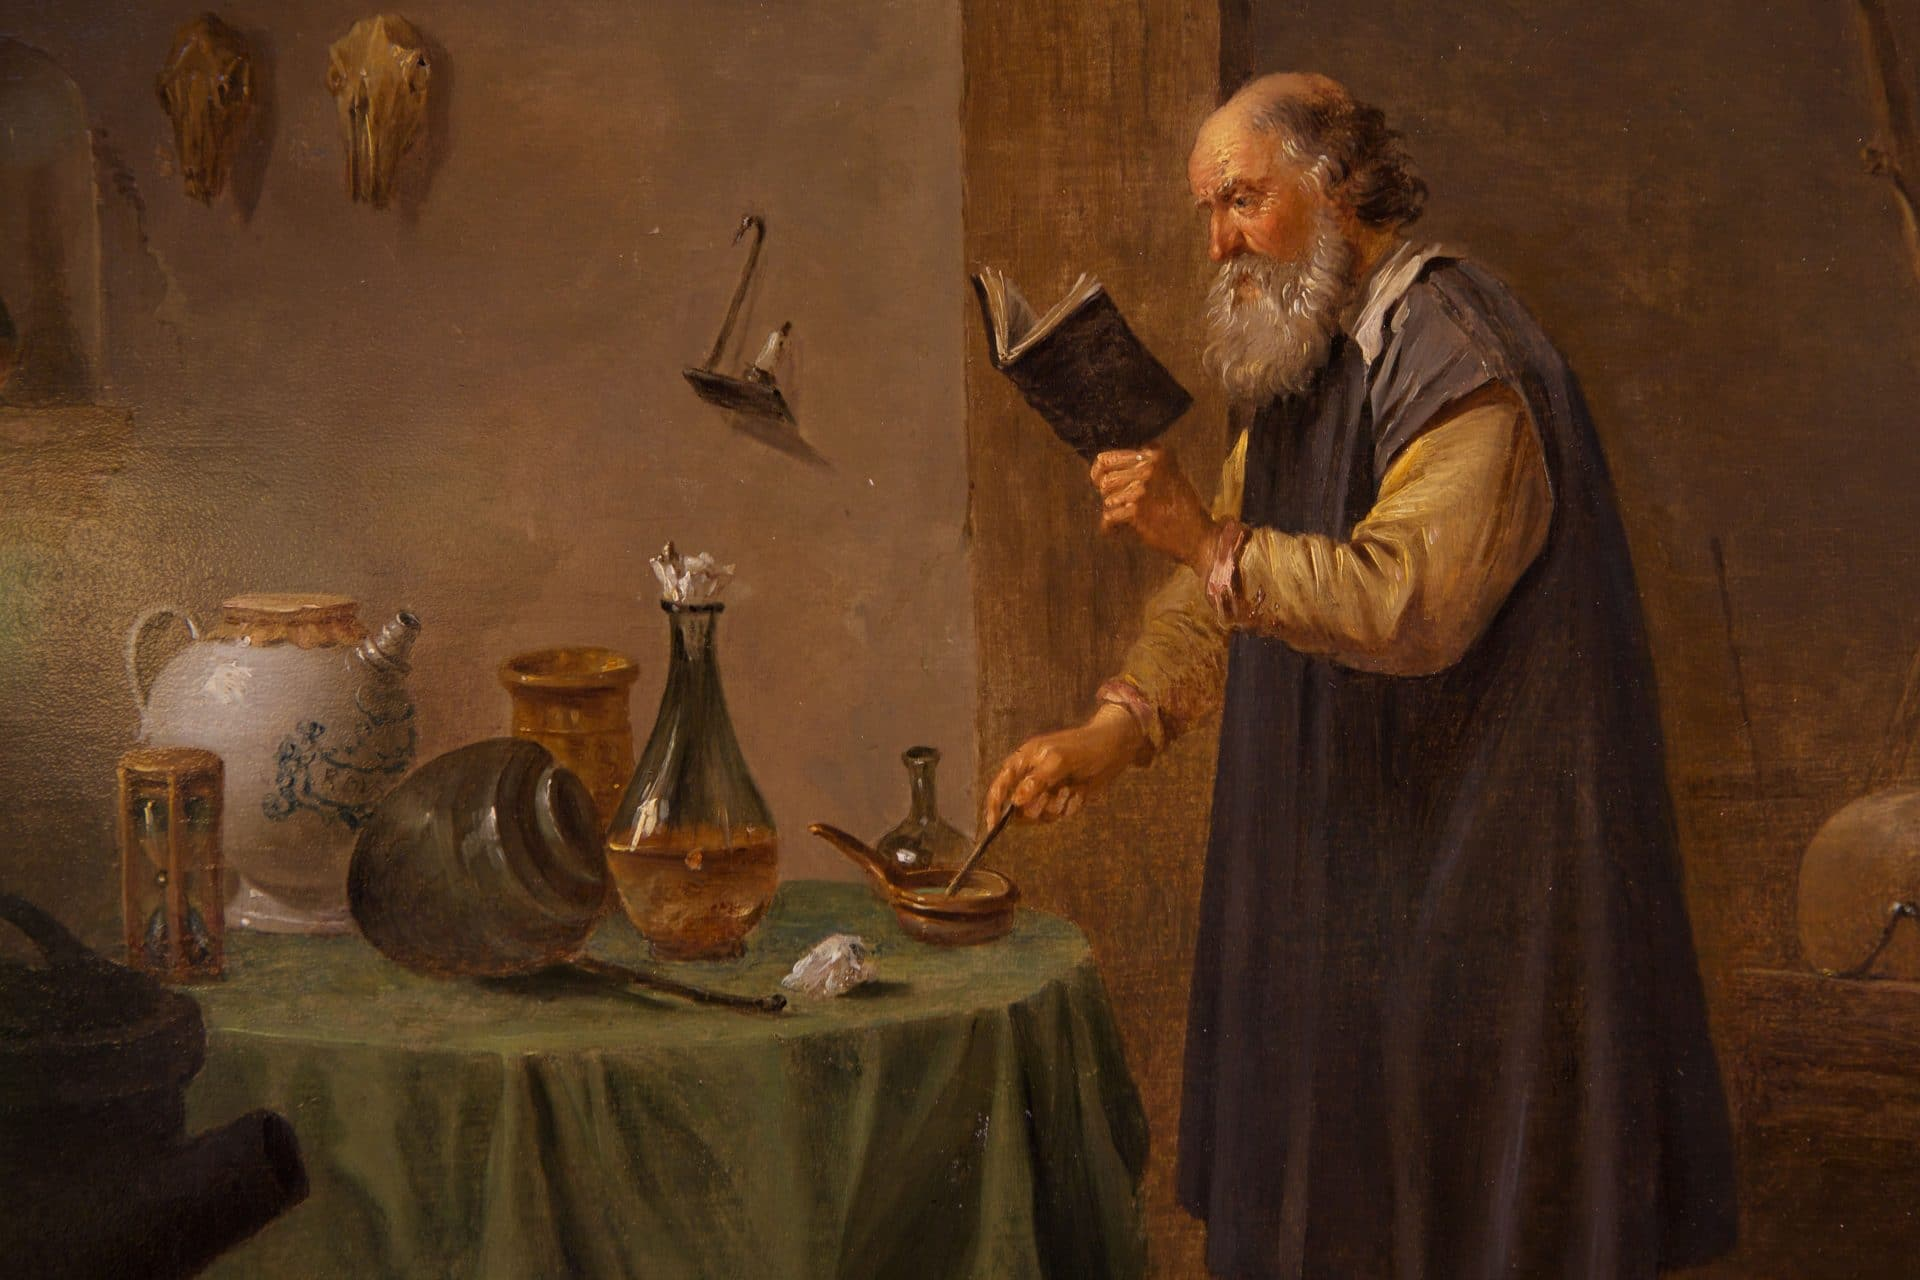 Dans le style de David Teniers le Jeune, un alchimiste au travail, v. 1660-70.